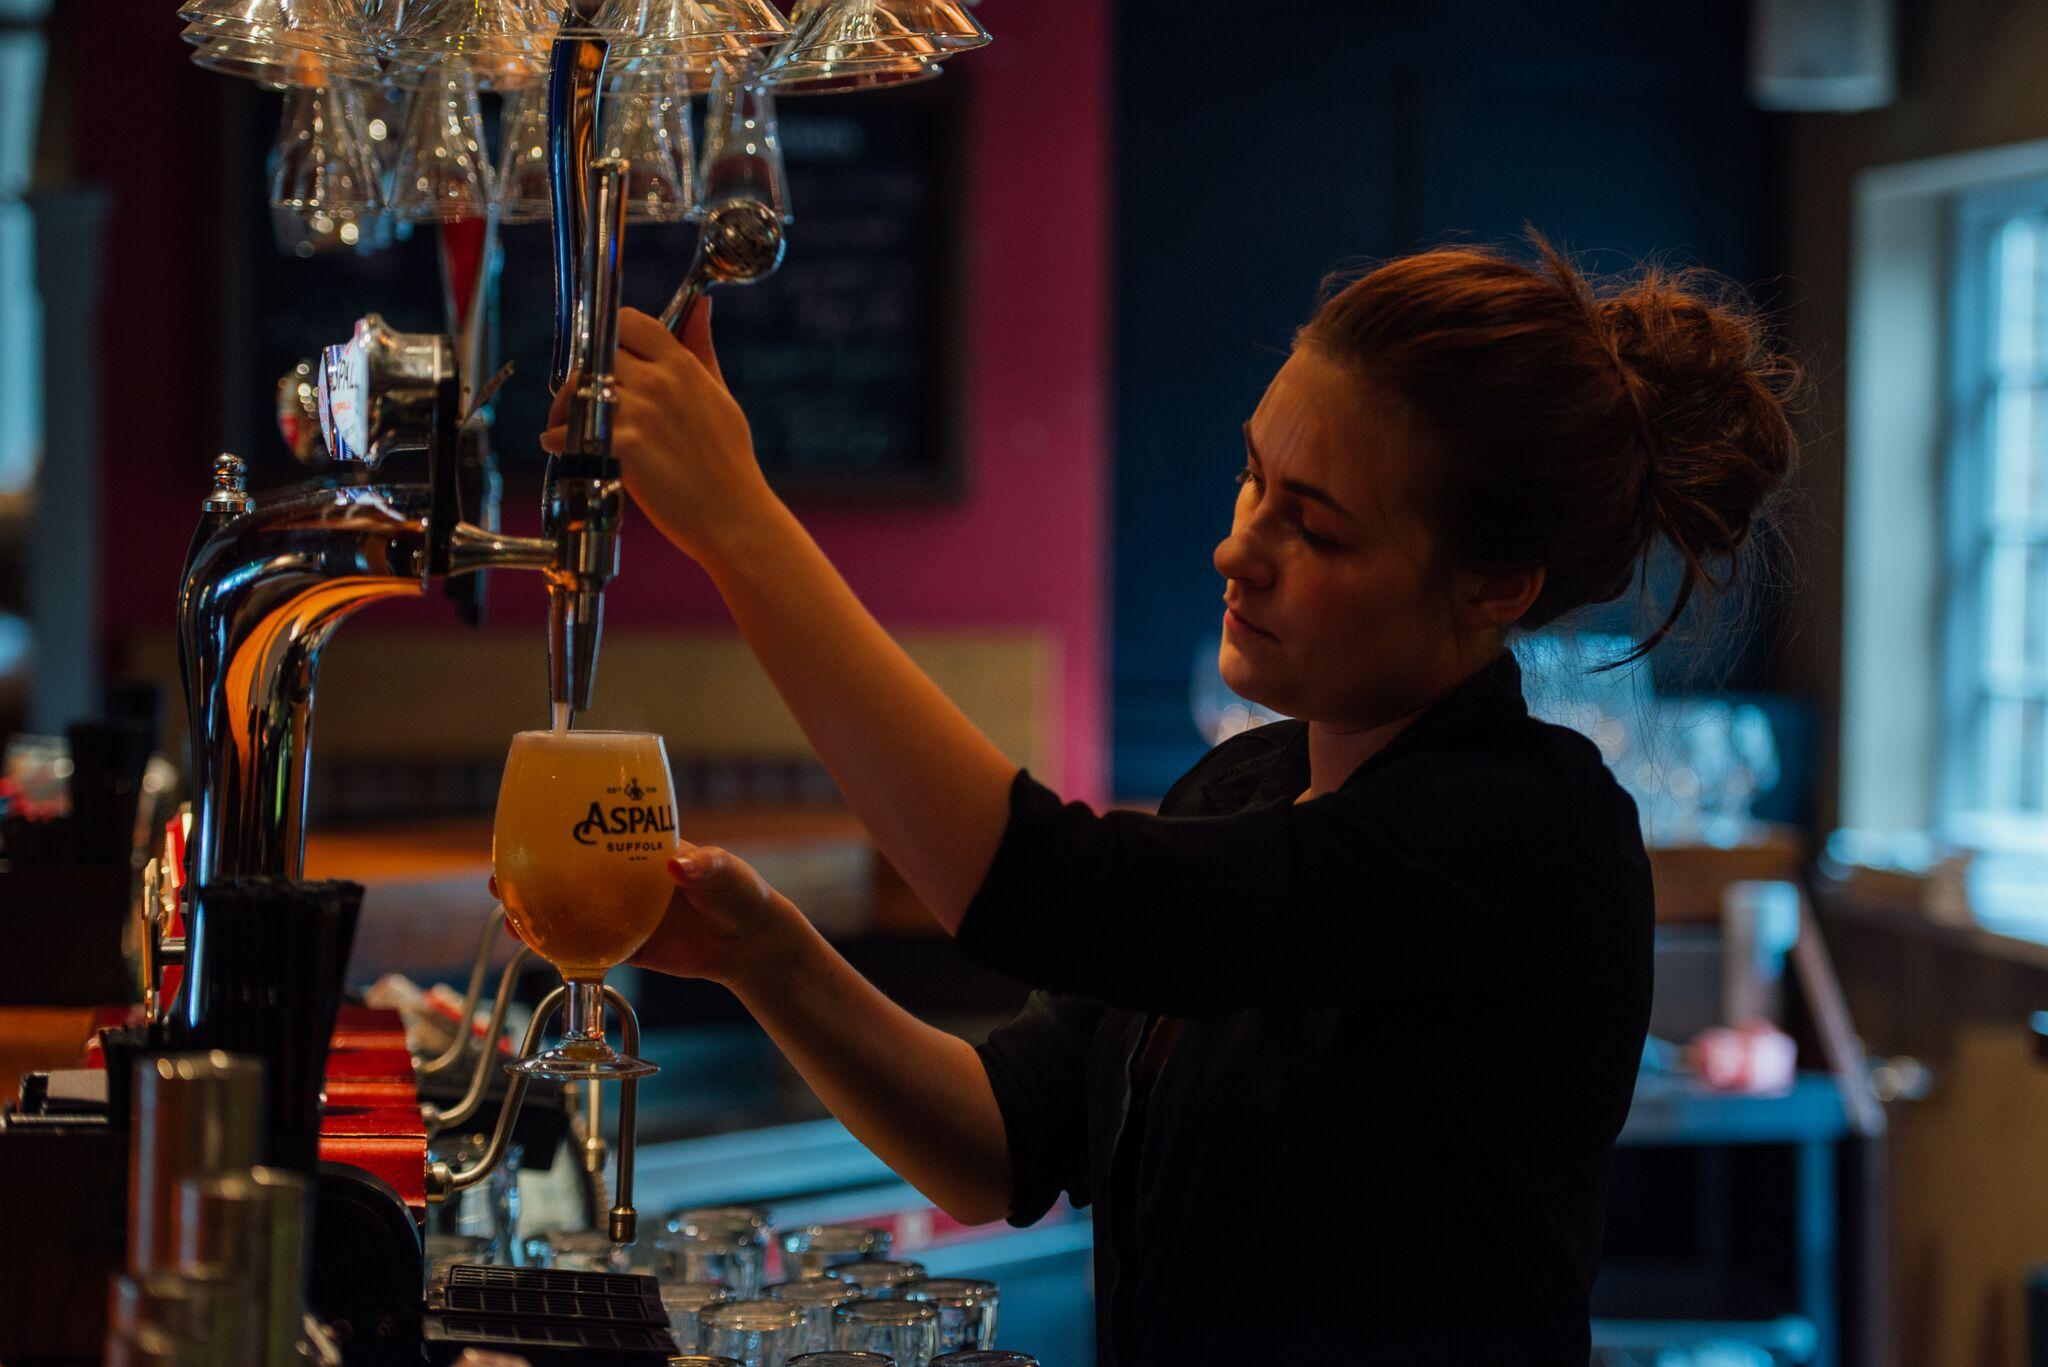 Red Lion Bar w: Barmaid.jpg